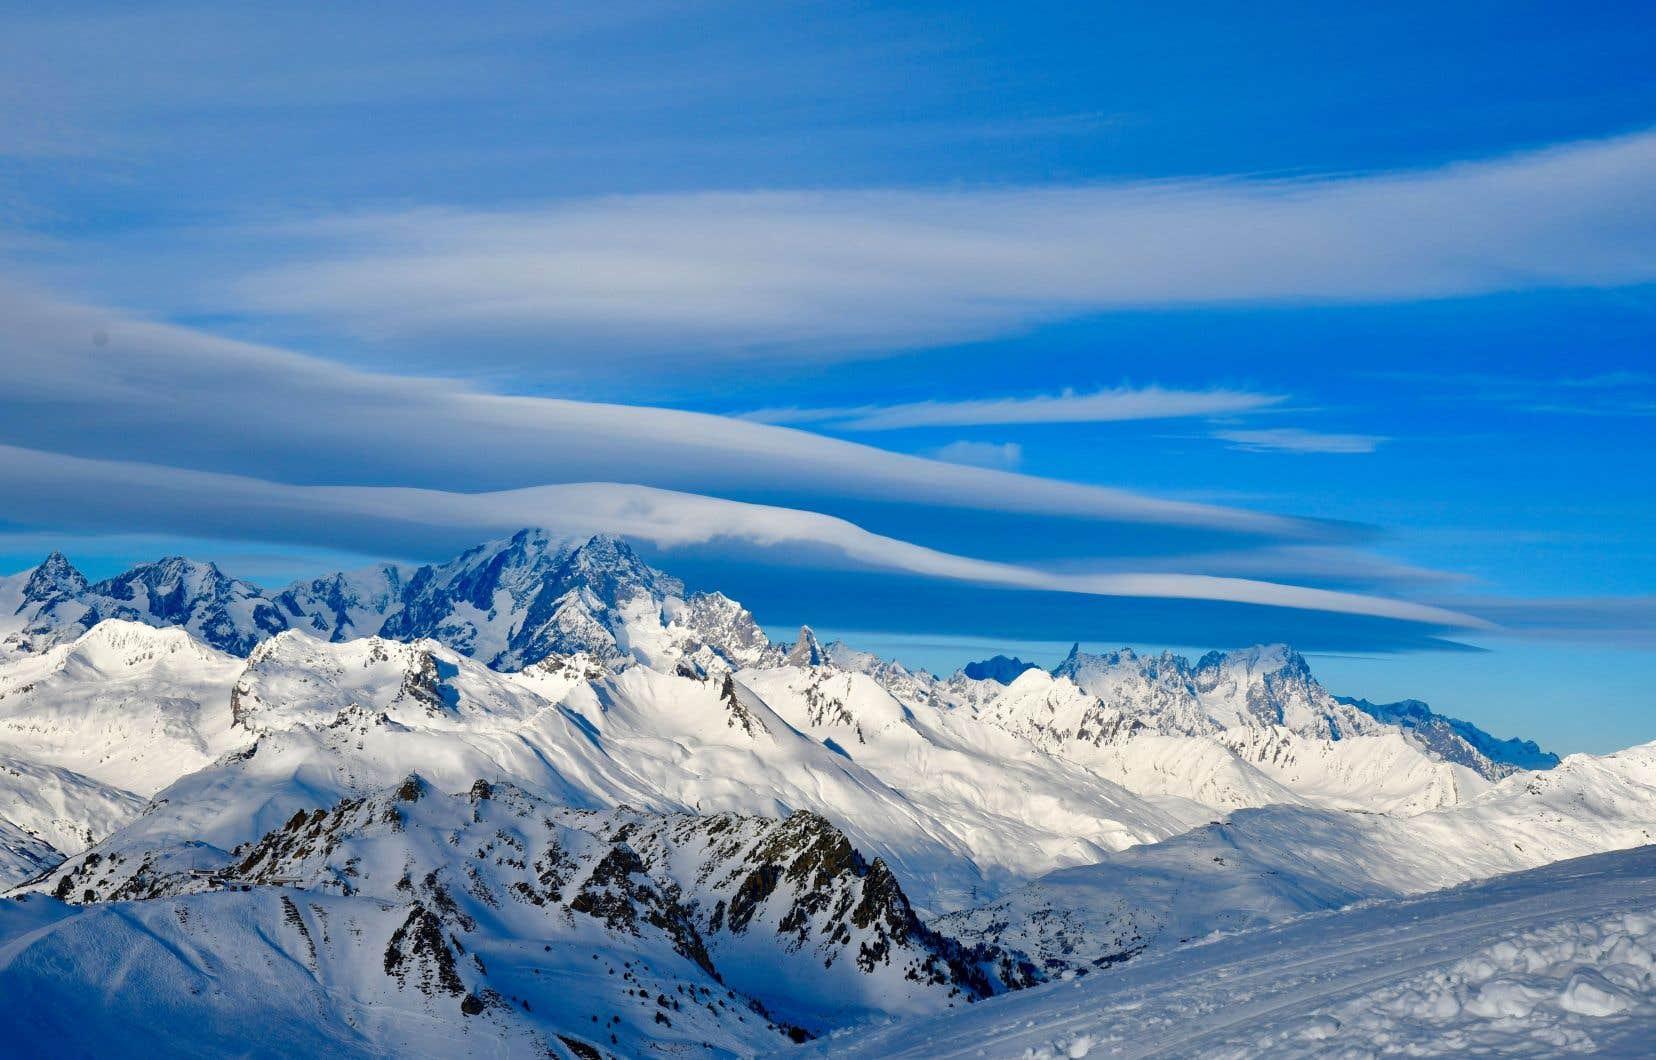 Les Arcs Panorama: on ne pouvait choisir meilleur nom pour ce 15e Club Med montagne dans les Alpes françaises. La vue sur l'ensemble de la vallée de la Haute Tarentaise et des massifs du Beaufortain et du Mont-Blanc est extraordinaire de partout.